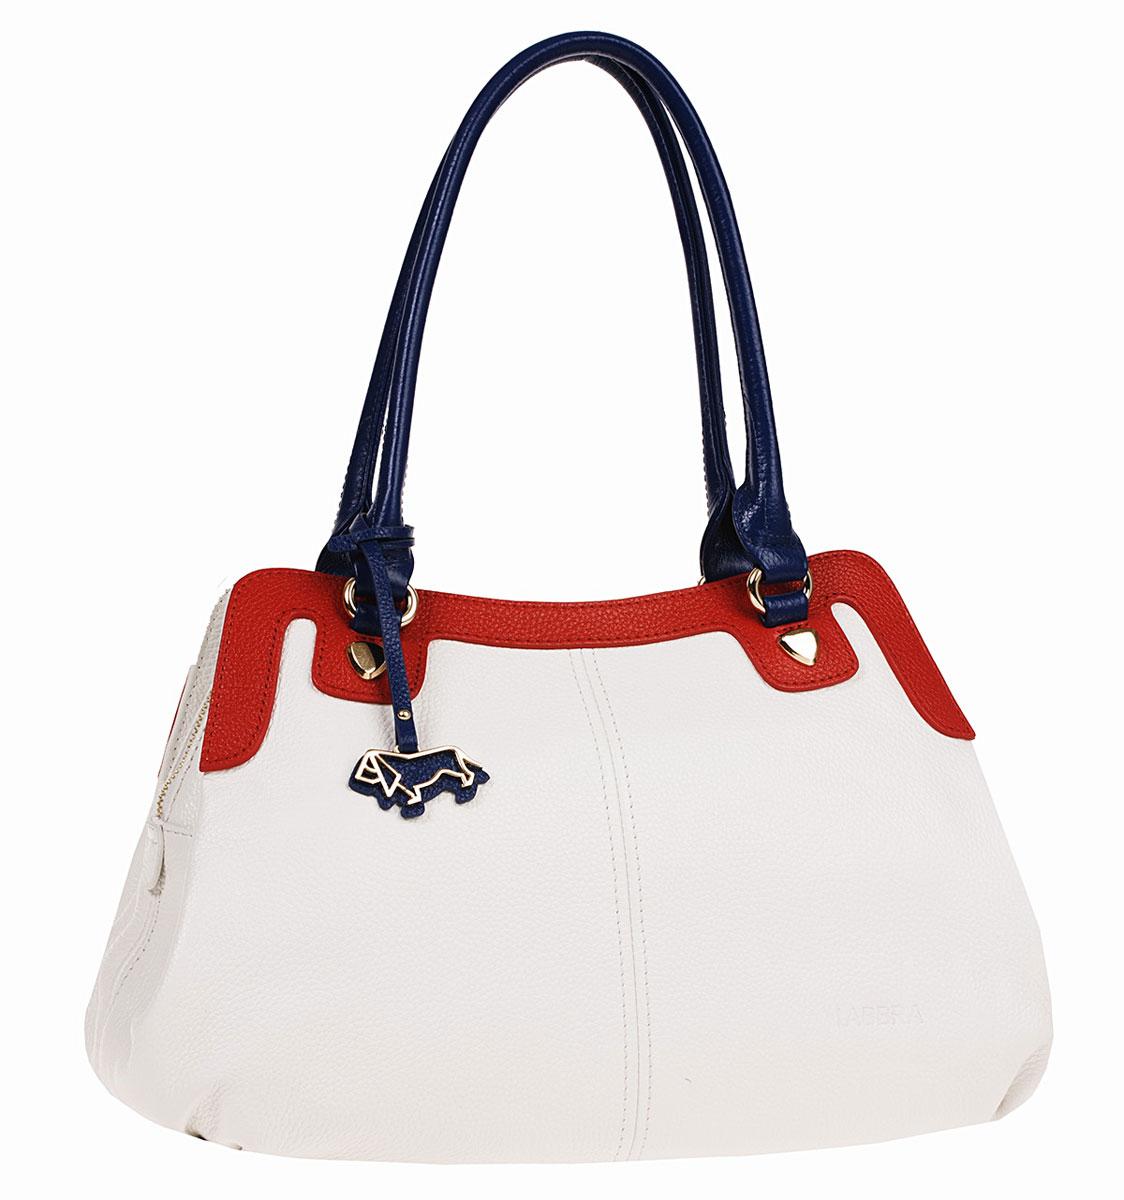 Сумка женская Labbra, цвет: белый, синий, красный. L-DL90456L-DL90456Лаконичная женская сумка Labbra выполнена из натуральной кожи контрастных оттенков и дополнена оригинальной металлической подвеской с логотипом бренда. Изделие содержит одно основное отделение, закрывающееся на молнию. Внутри - врезной карман на молнии и два накладных кармашка для мобильного телефона и различных мелочей. Сумка оснащена двумя удобными ручками, которые дополнены оригинальными металлическими элементами. Дно сумки оснащено металлическими ножками, которые дополнительно защитят изделие от повреждений. Стильная сумка позволит вам подчеркнуть свою индивидуальность, и сделает ваш образ изысканным и завершенным.